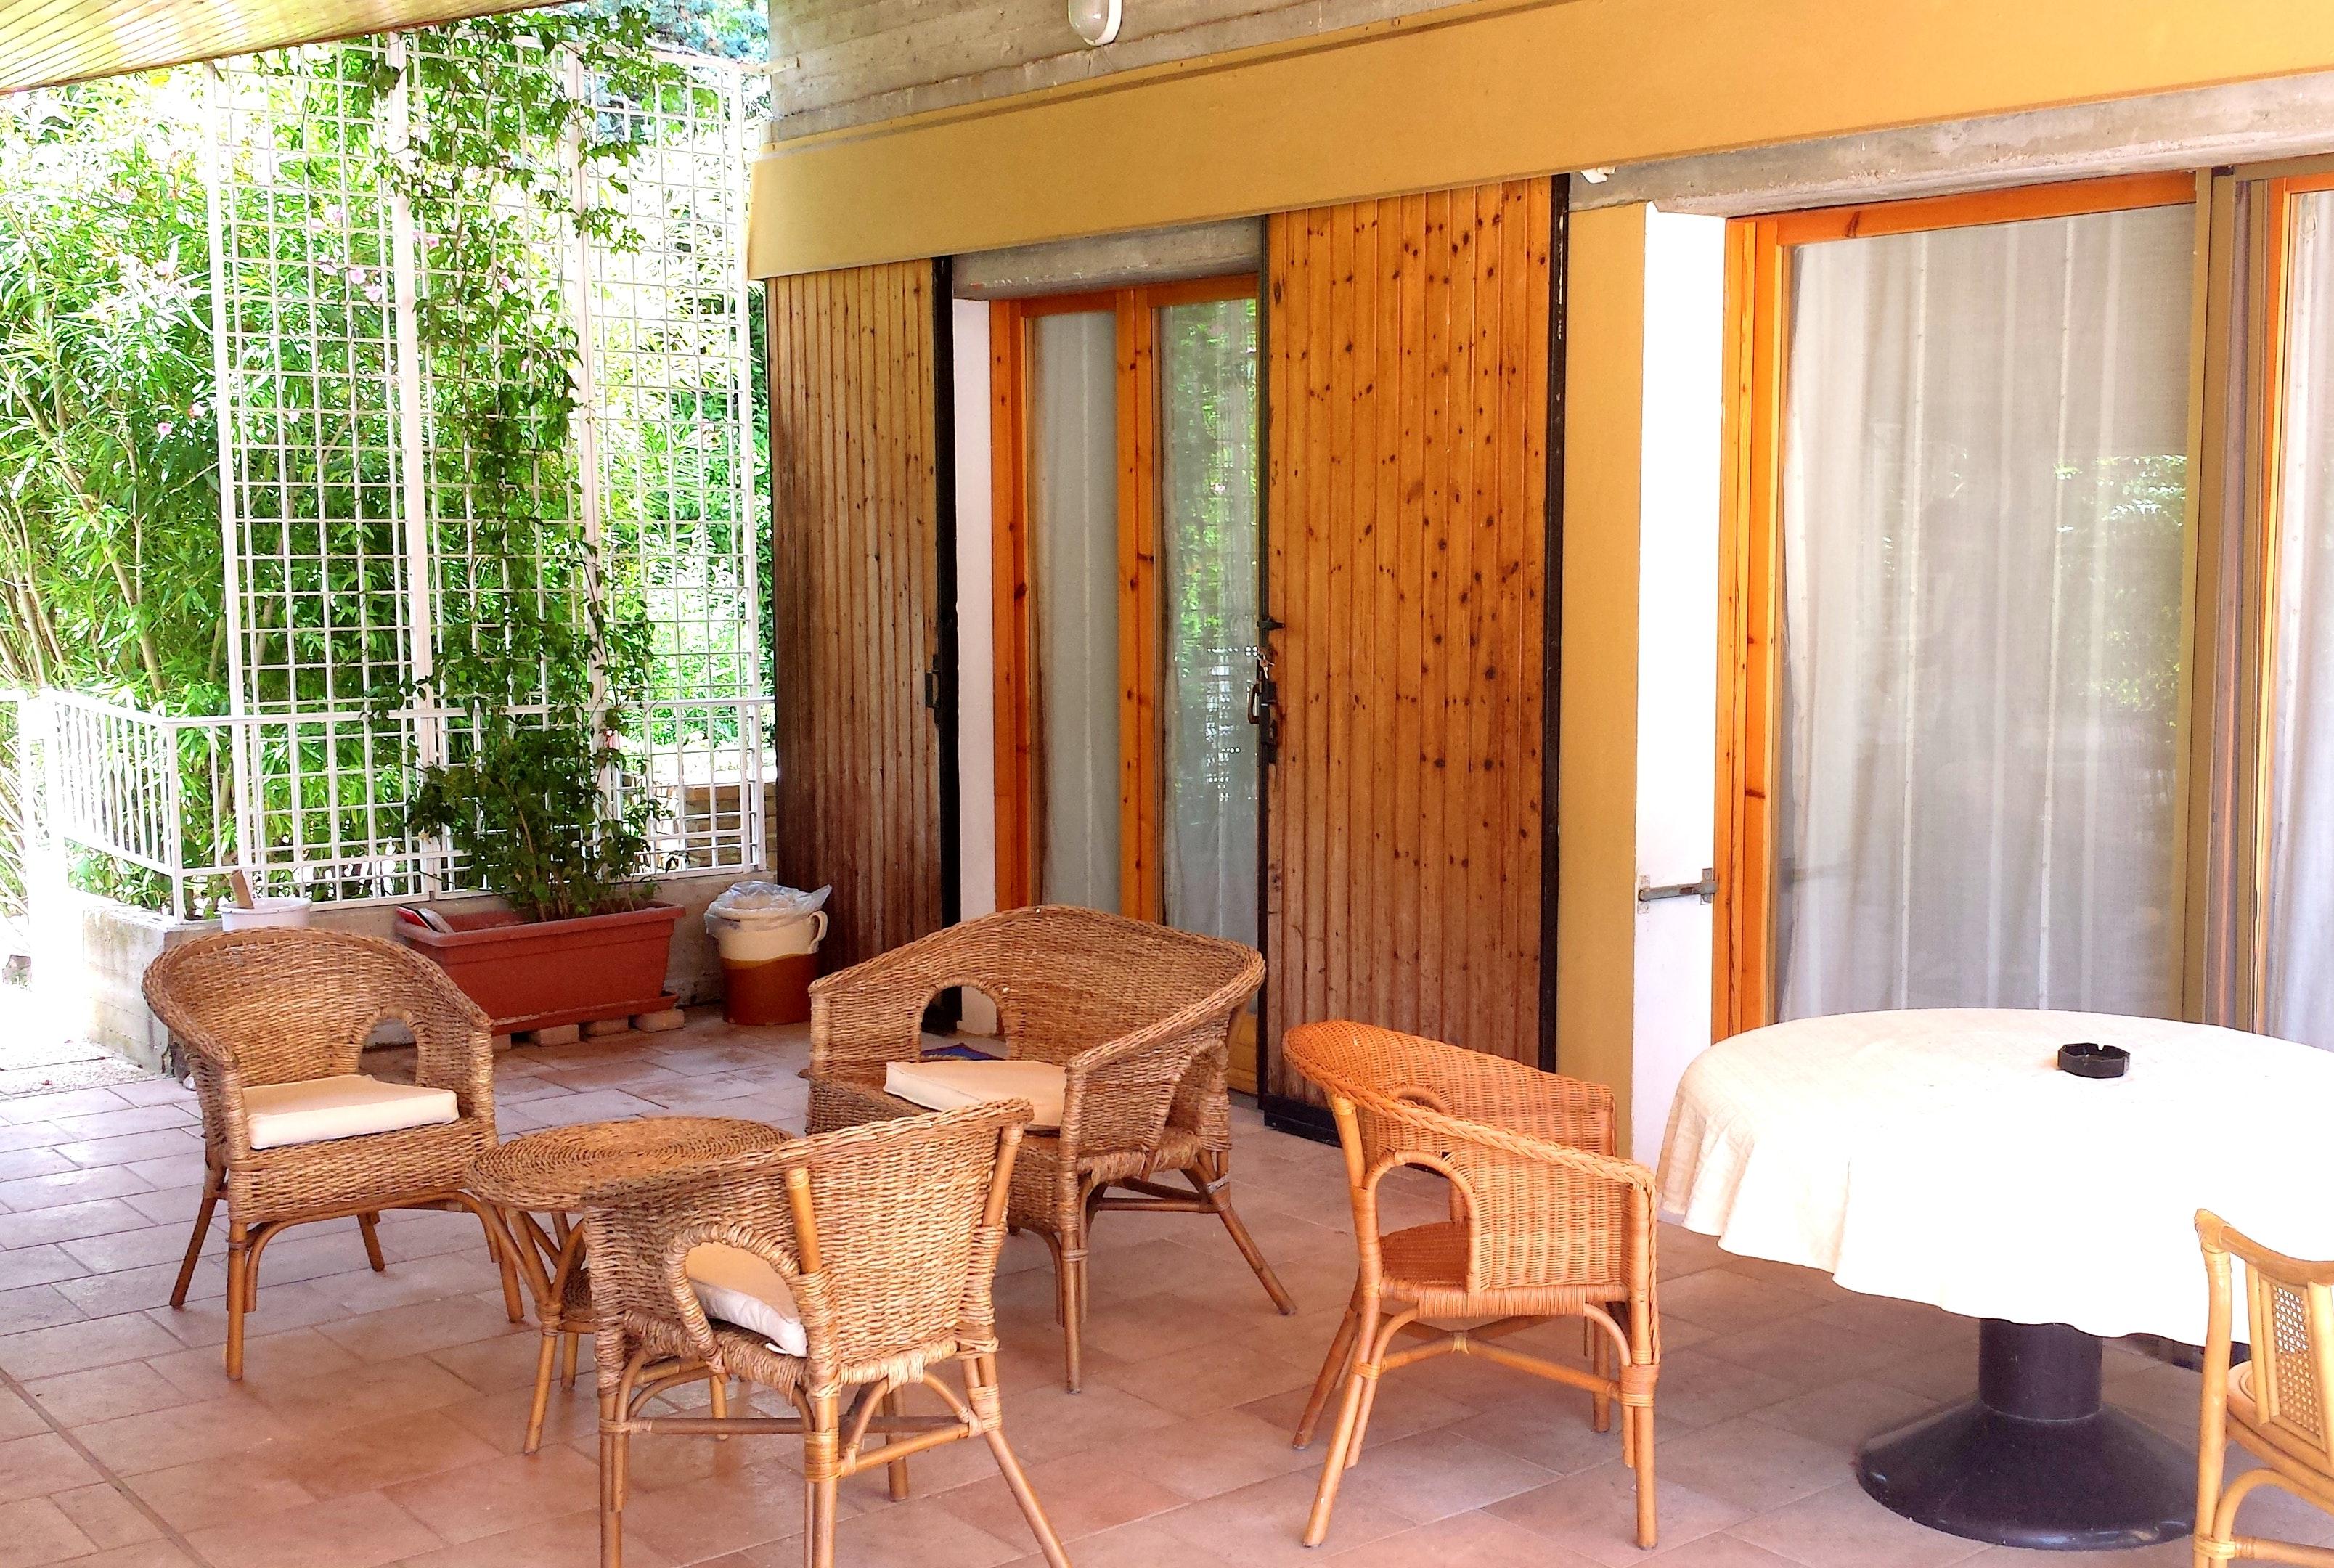 Ferienwohnung Wohnung mit 3 Schlafzimmern in Pesaro mit Pool, eingezäuntem Garten und W-LAN - 4 km vom S (2339355), Pesaro, Pesaro und Urbino, Marken, Italien, Bild 3